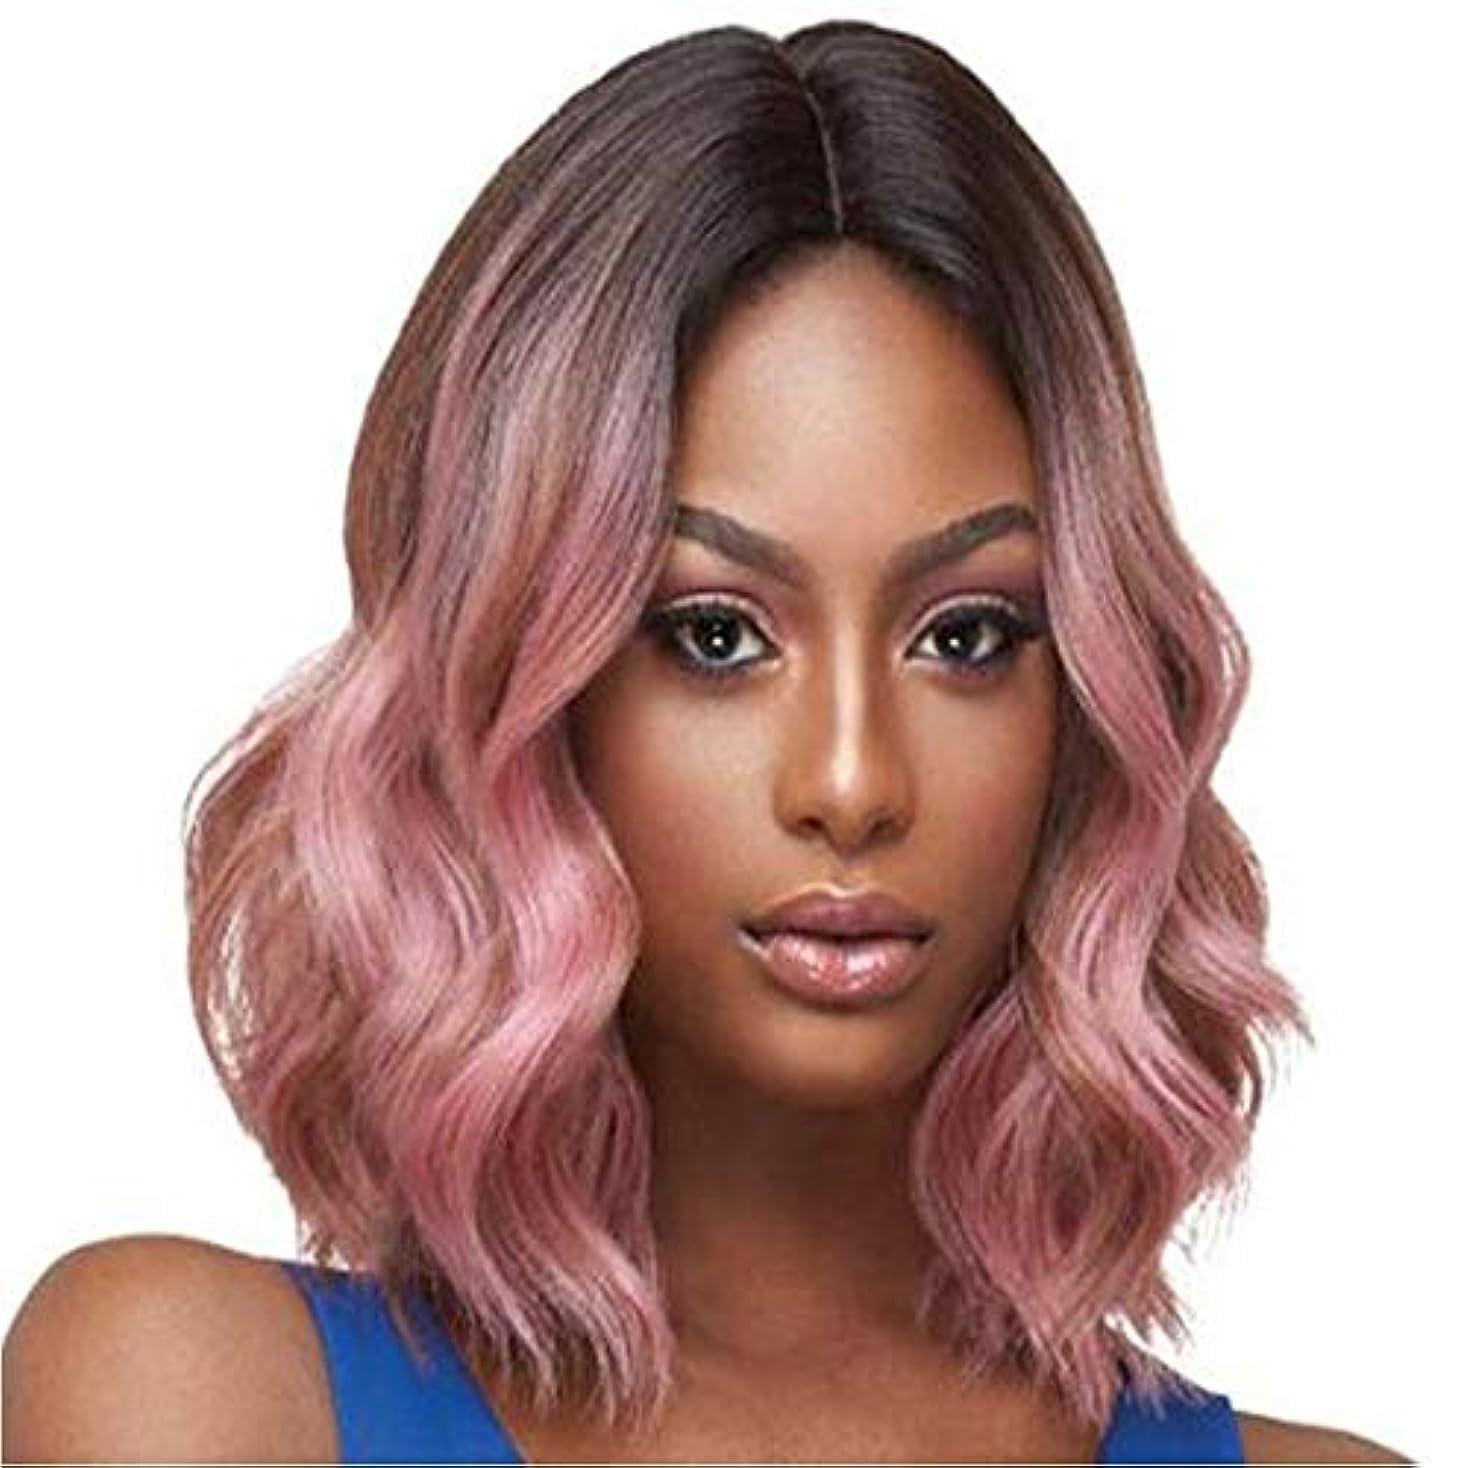 デッドシェードアンビエントヘアエクステンションピンクショート合成かつら女性用髪水波かつら高温ファイバーウィッグボブヘアカットショートオンブル合成かつら女性用デイウェアコスプレやパーティー